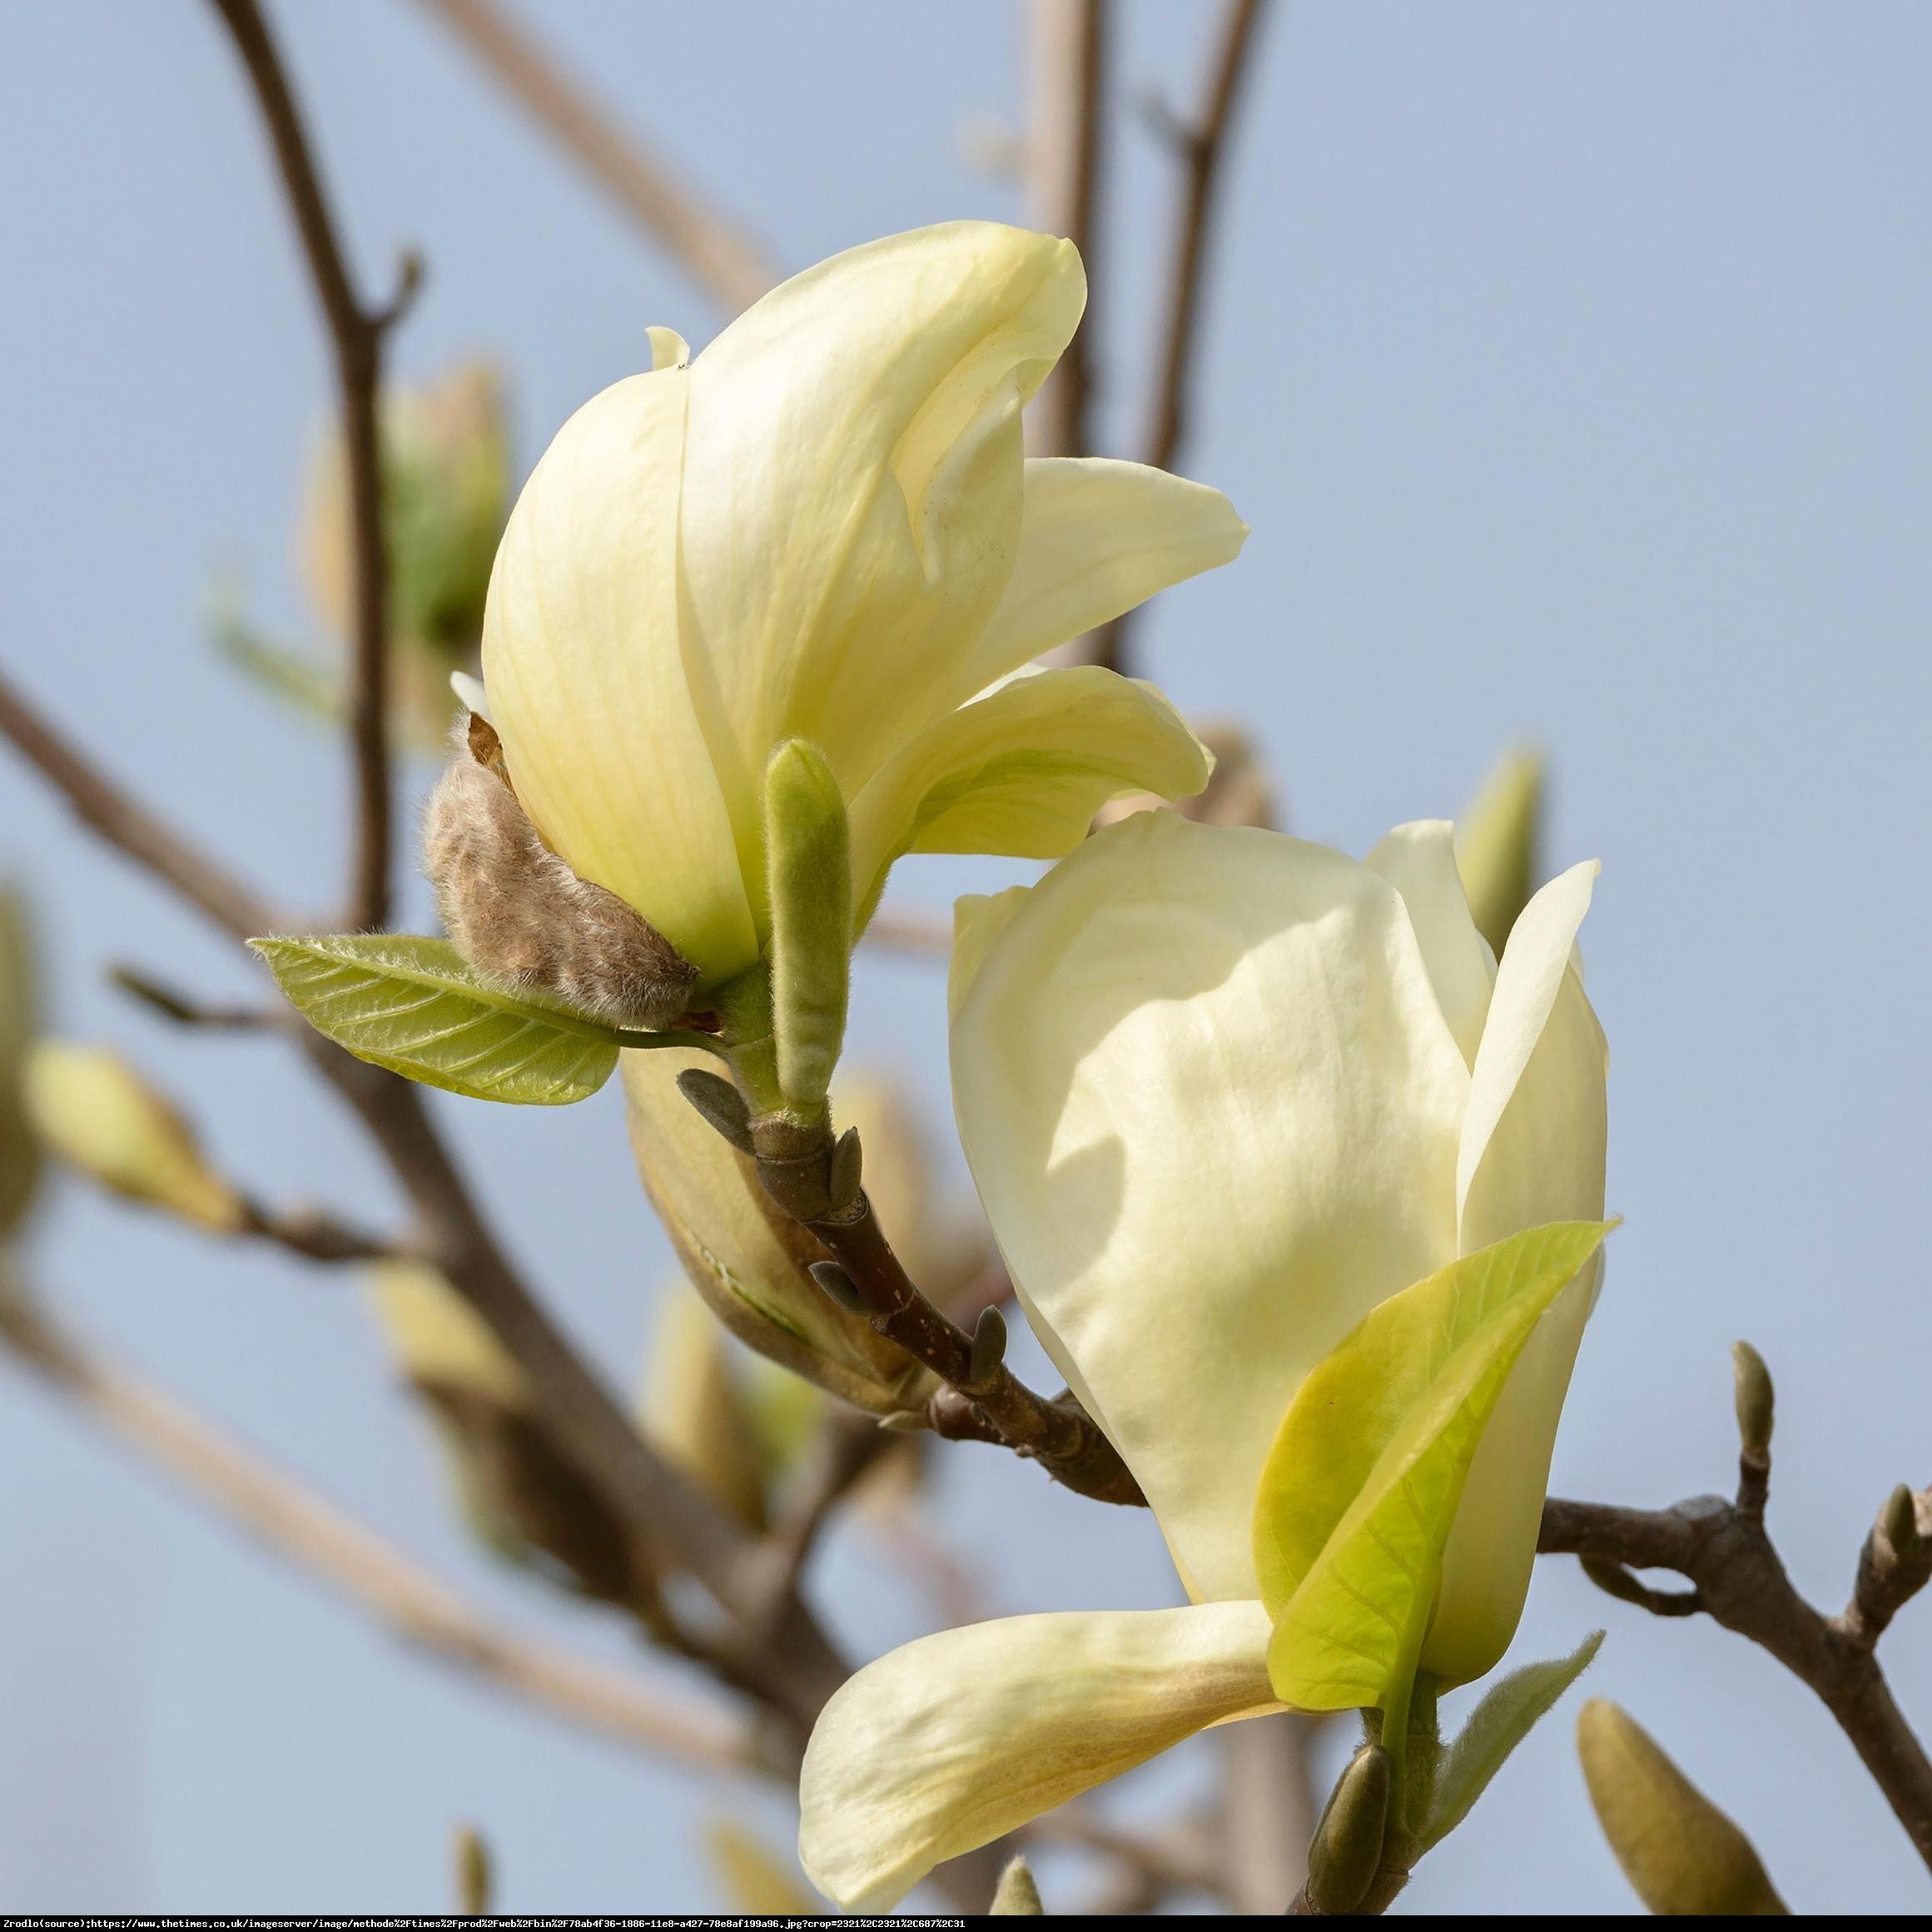 Magnolia Żółta Yellow River  - Magnolia denudata Yellow River